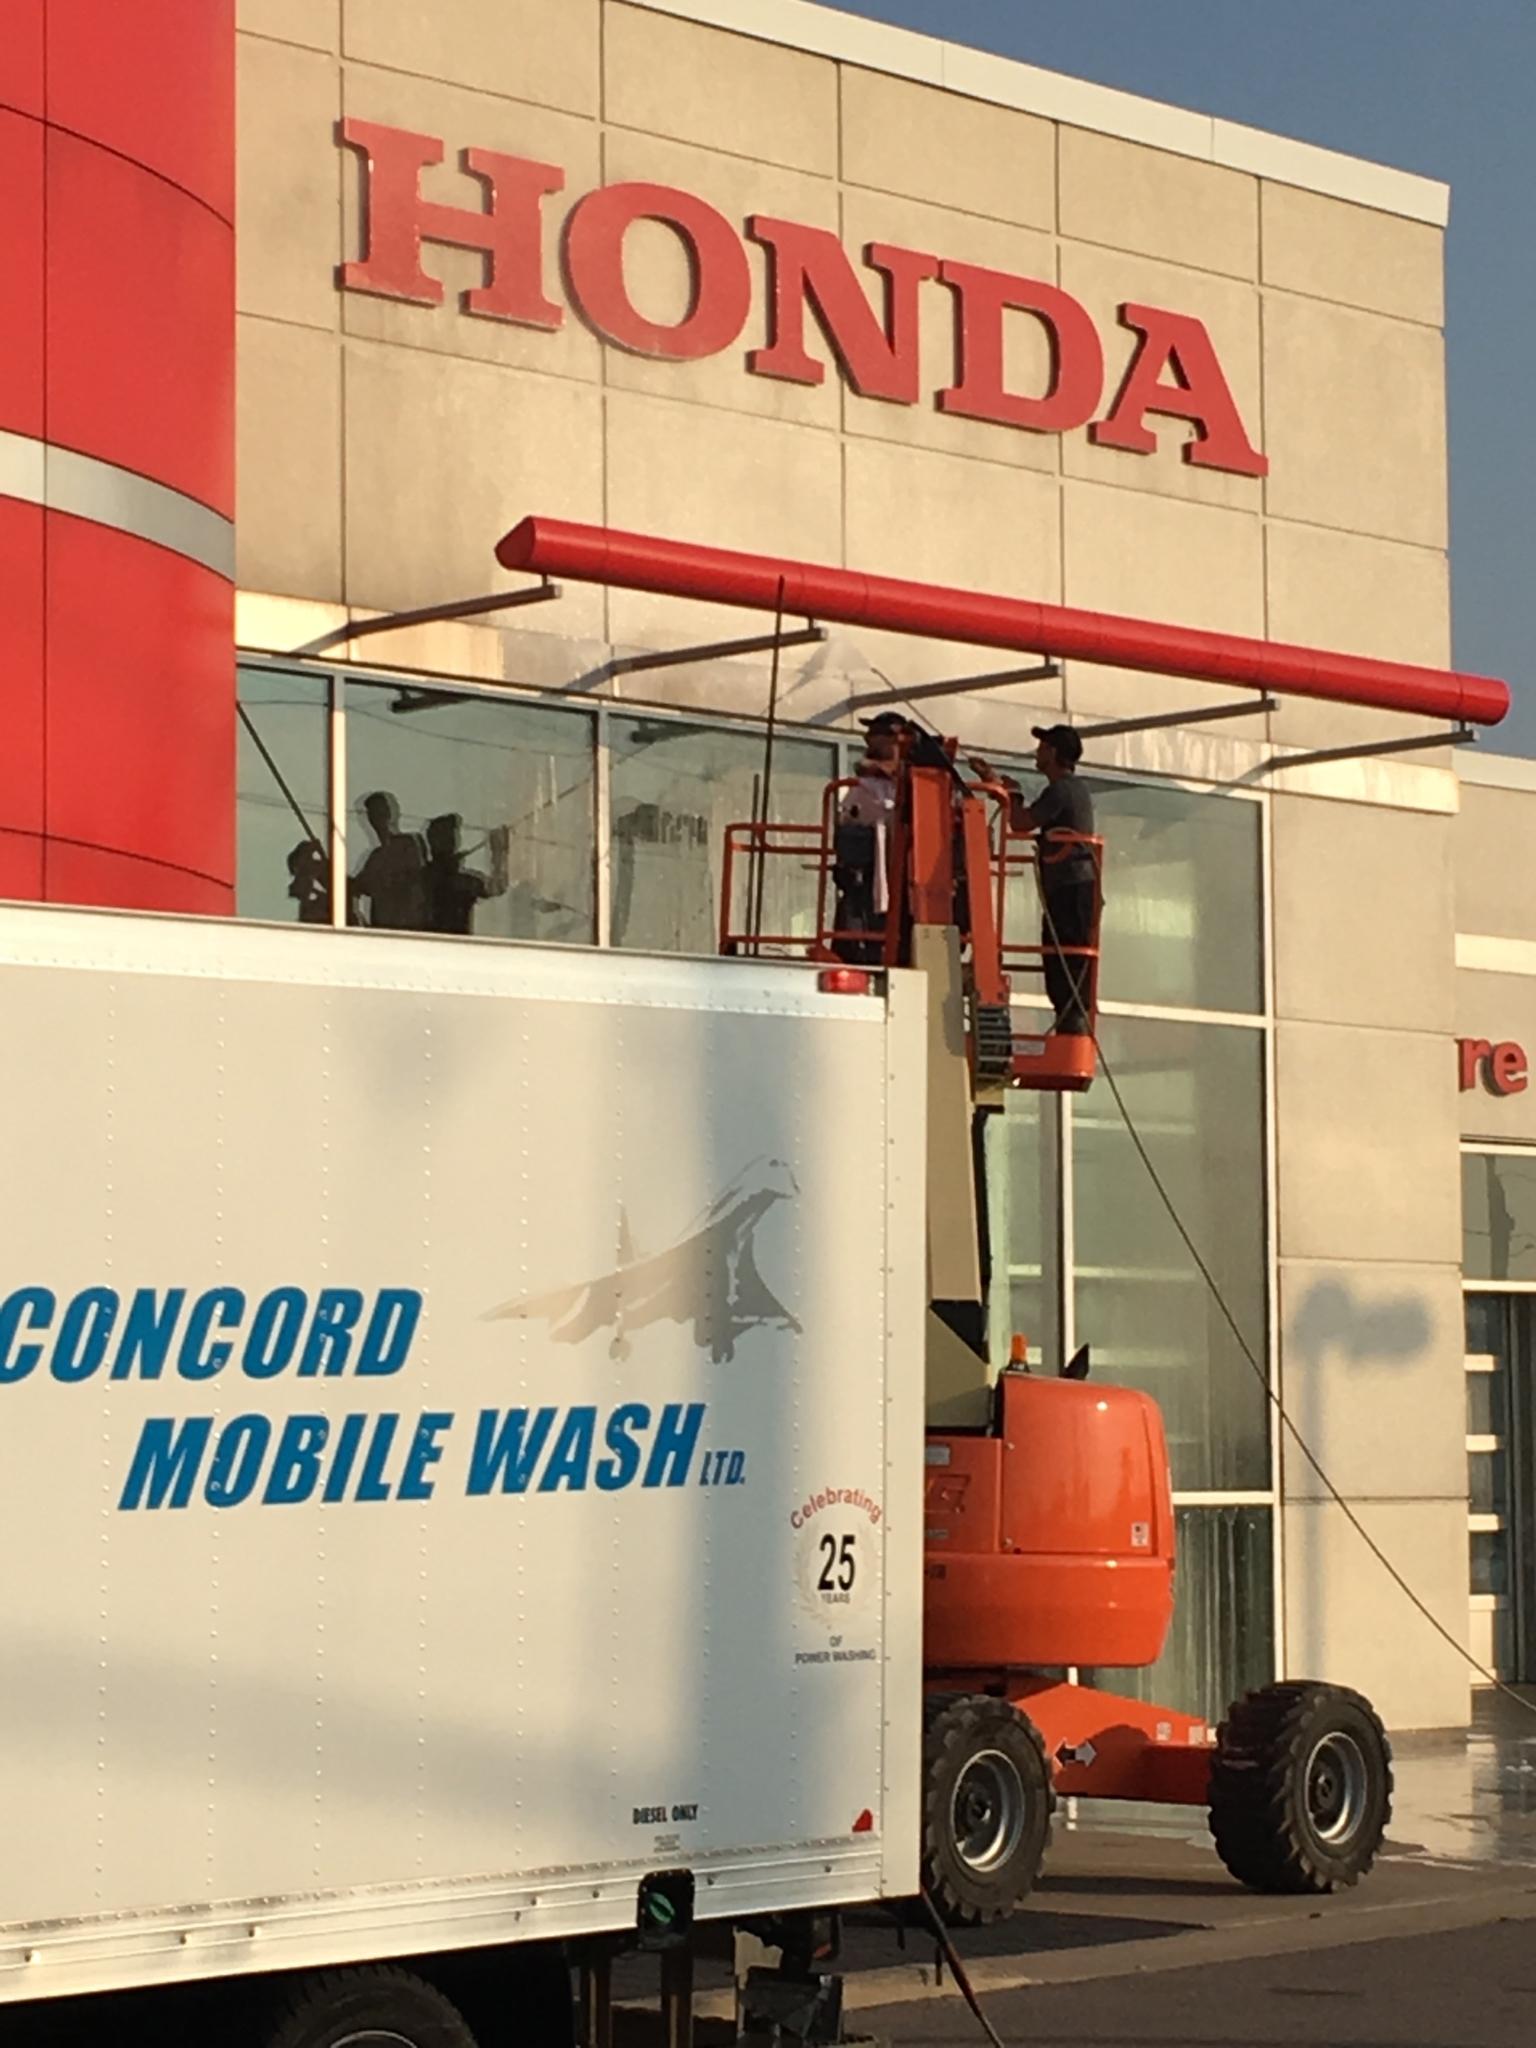 Concord Mobile Wash Ltd